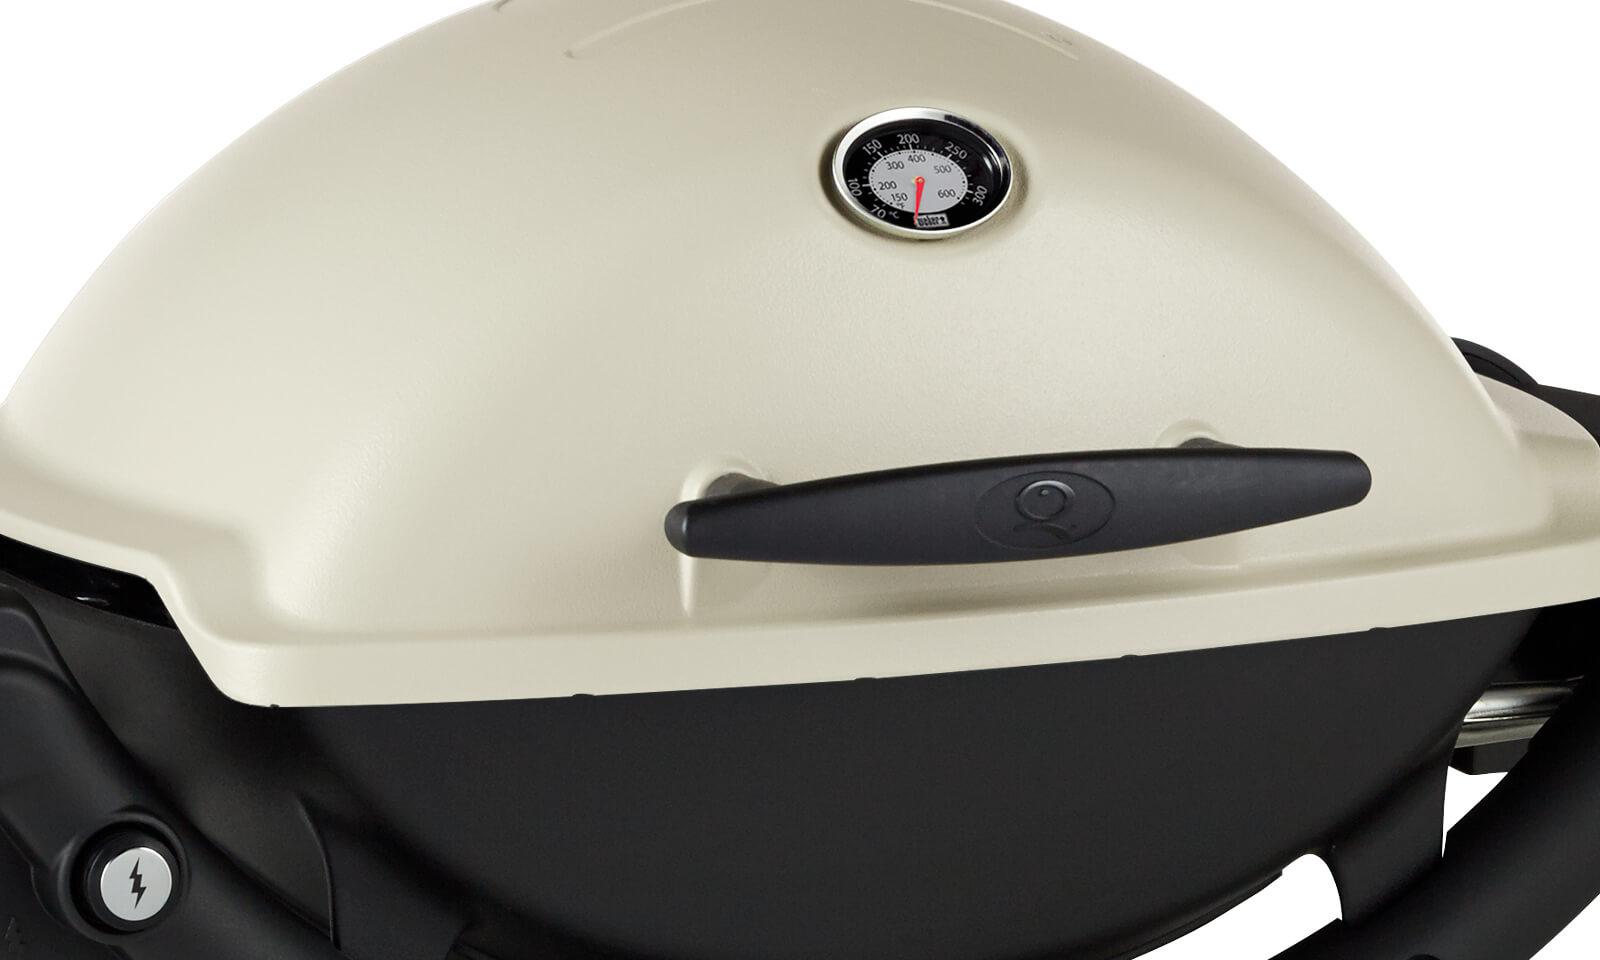 Cast aluminium lid and body premium